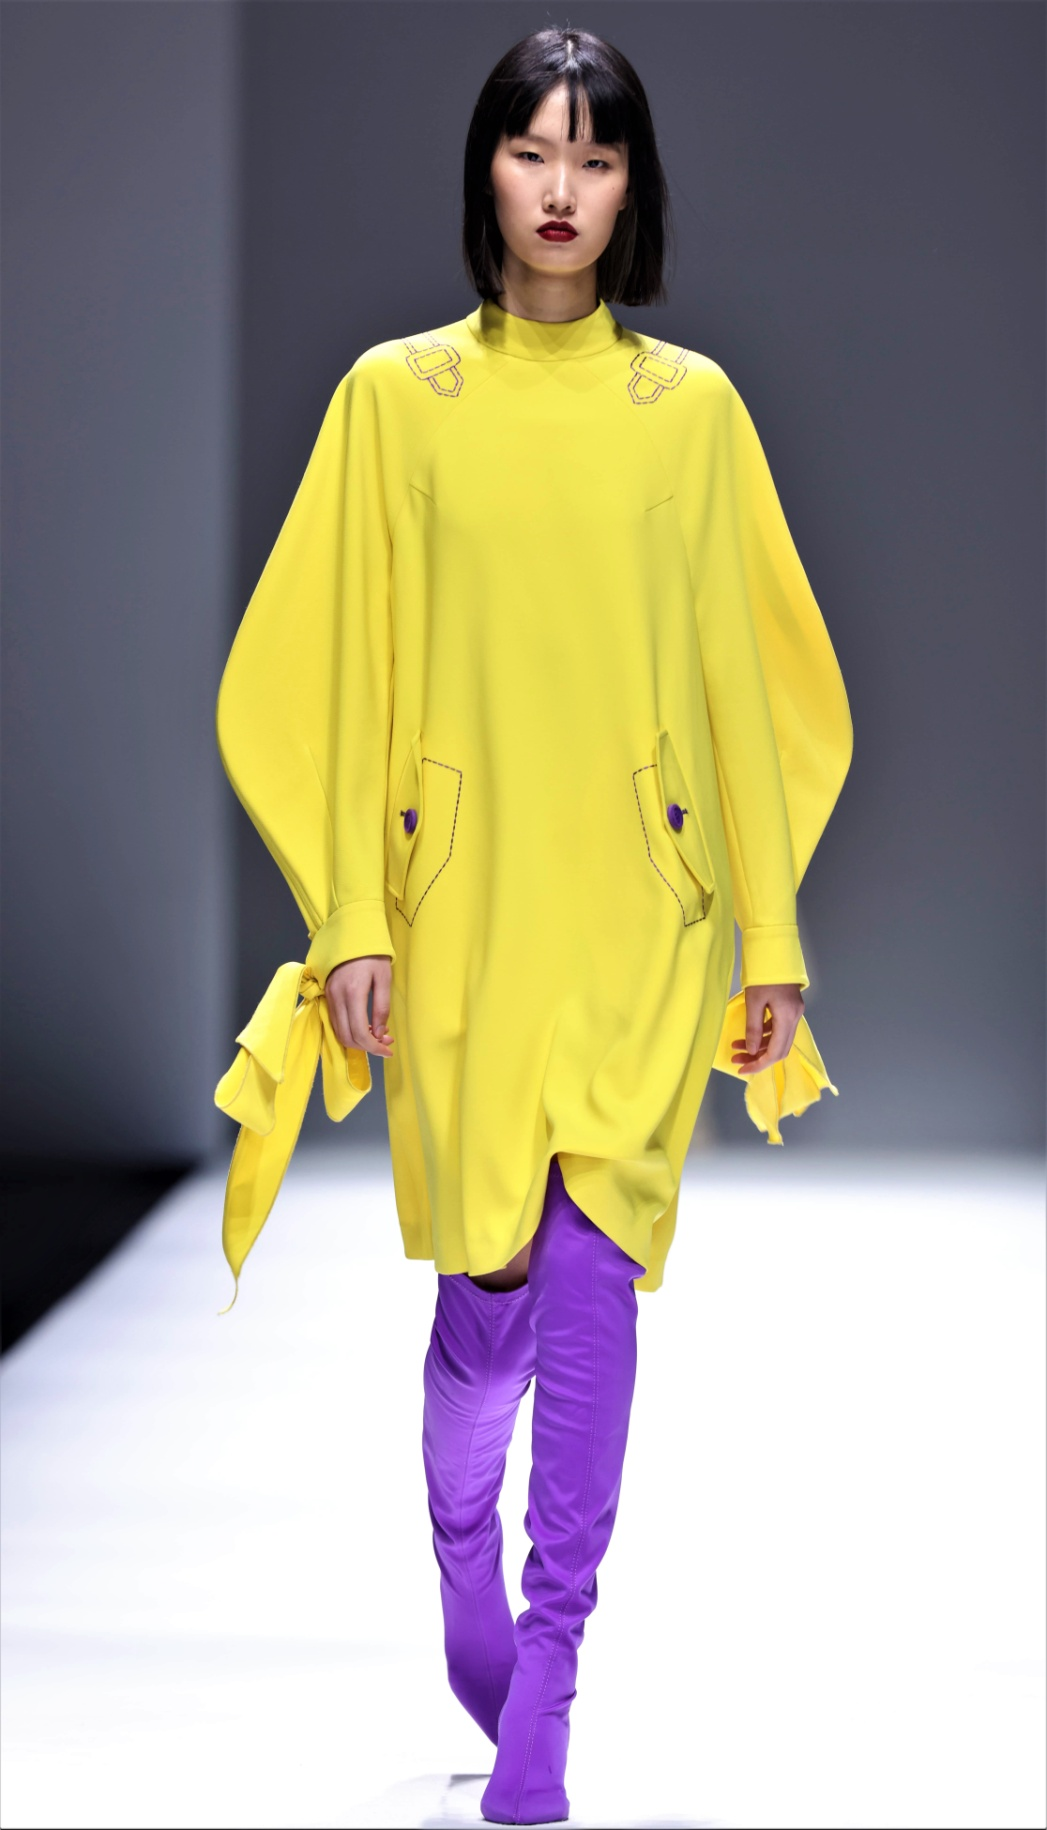 Zhang Shuai yellow Shanghai cropped.jpg